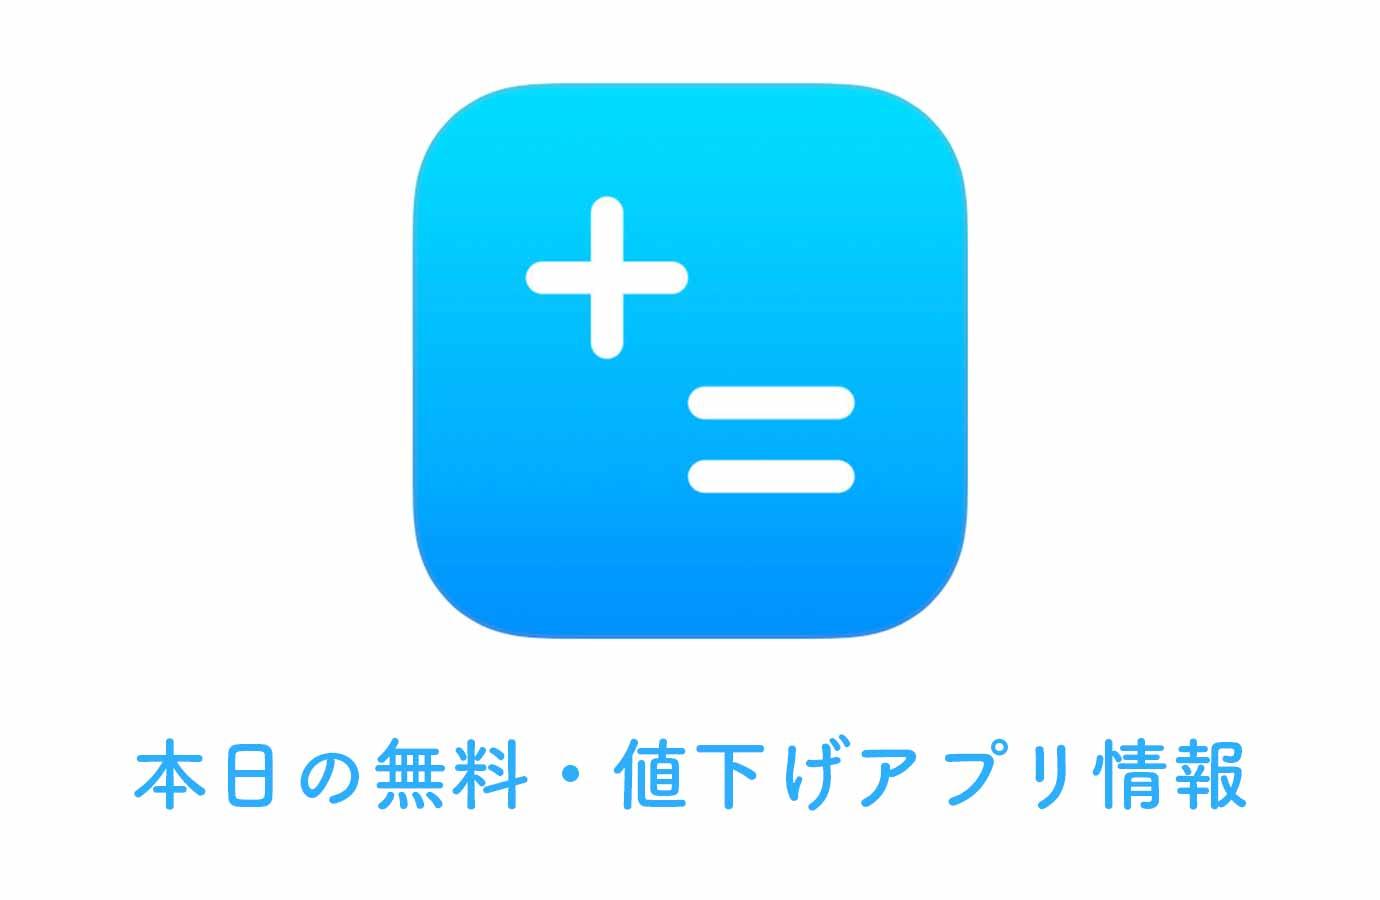 240円→無料、計算履歴が表示されて分かりやすい電卓アプリ「基本的な電卓 Pro」など【6/29】本日の無料・値下げアプリ情報